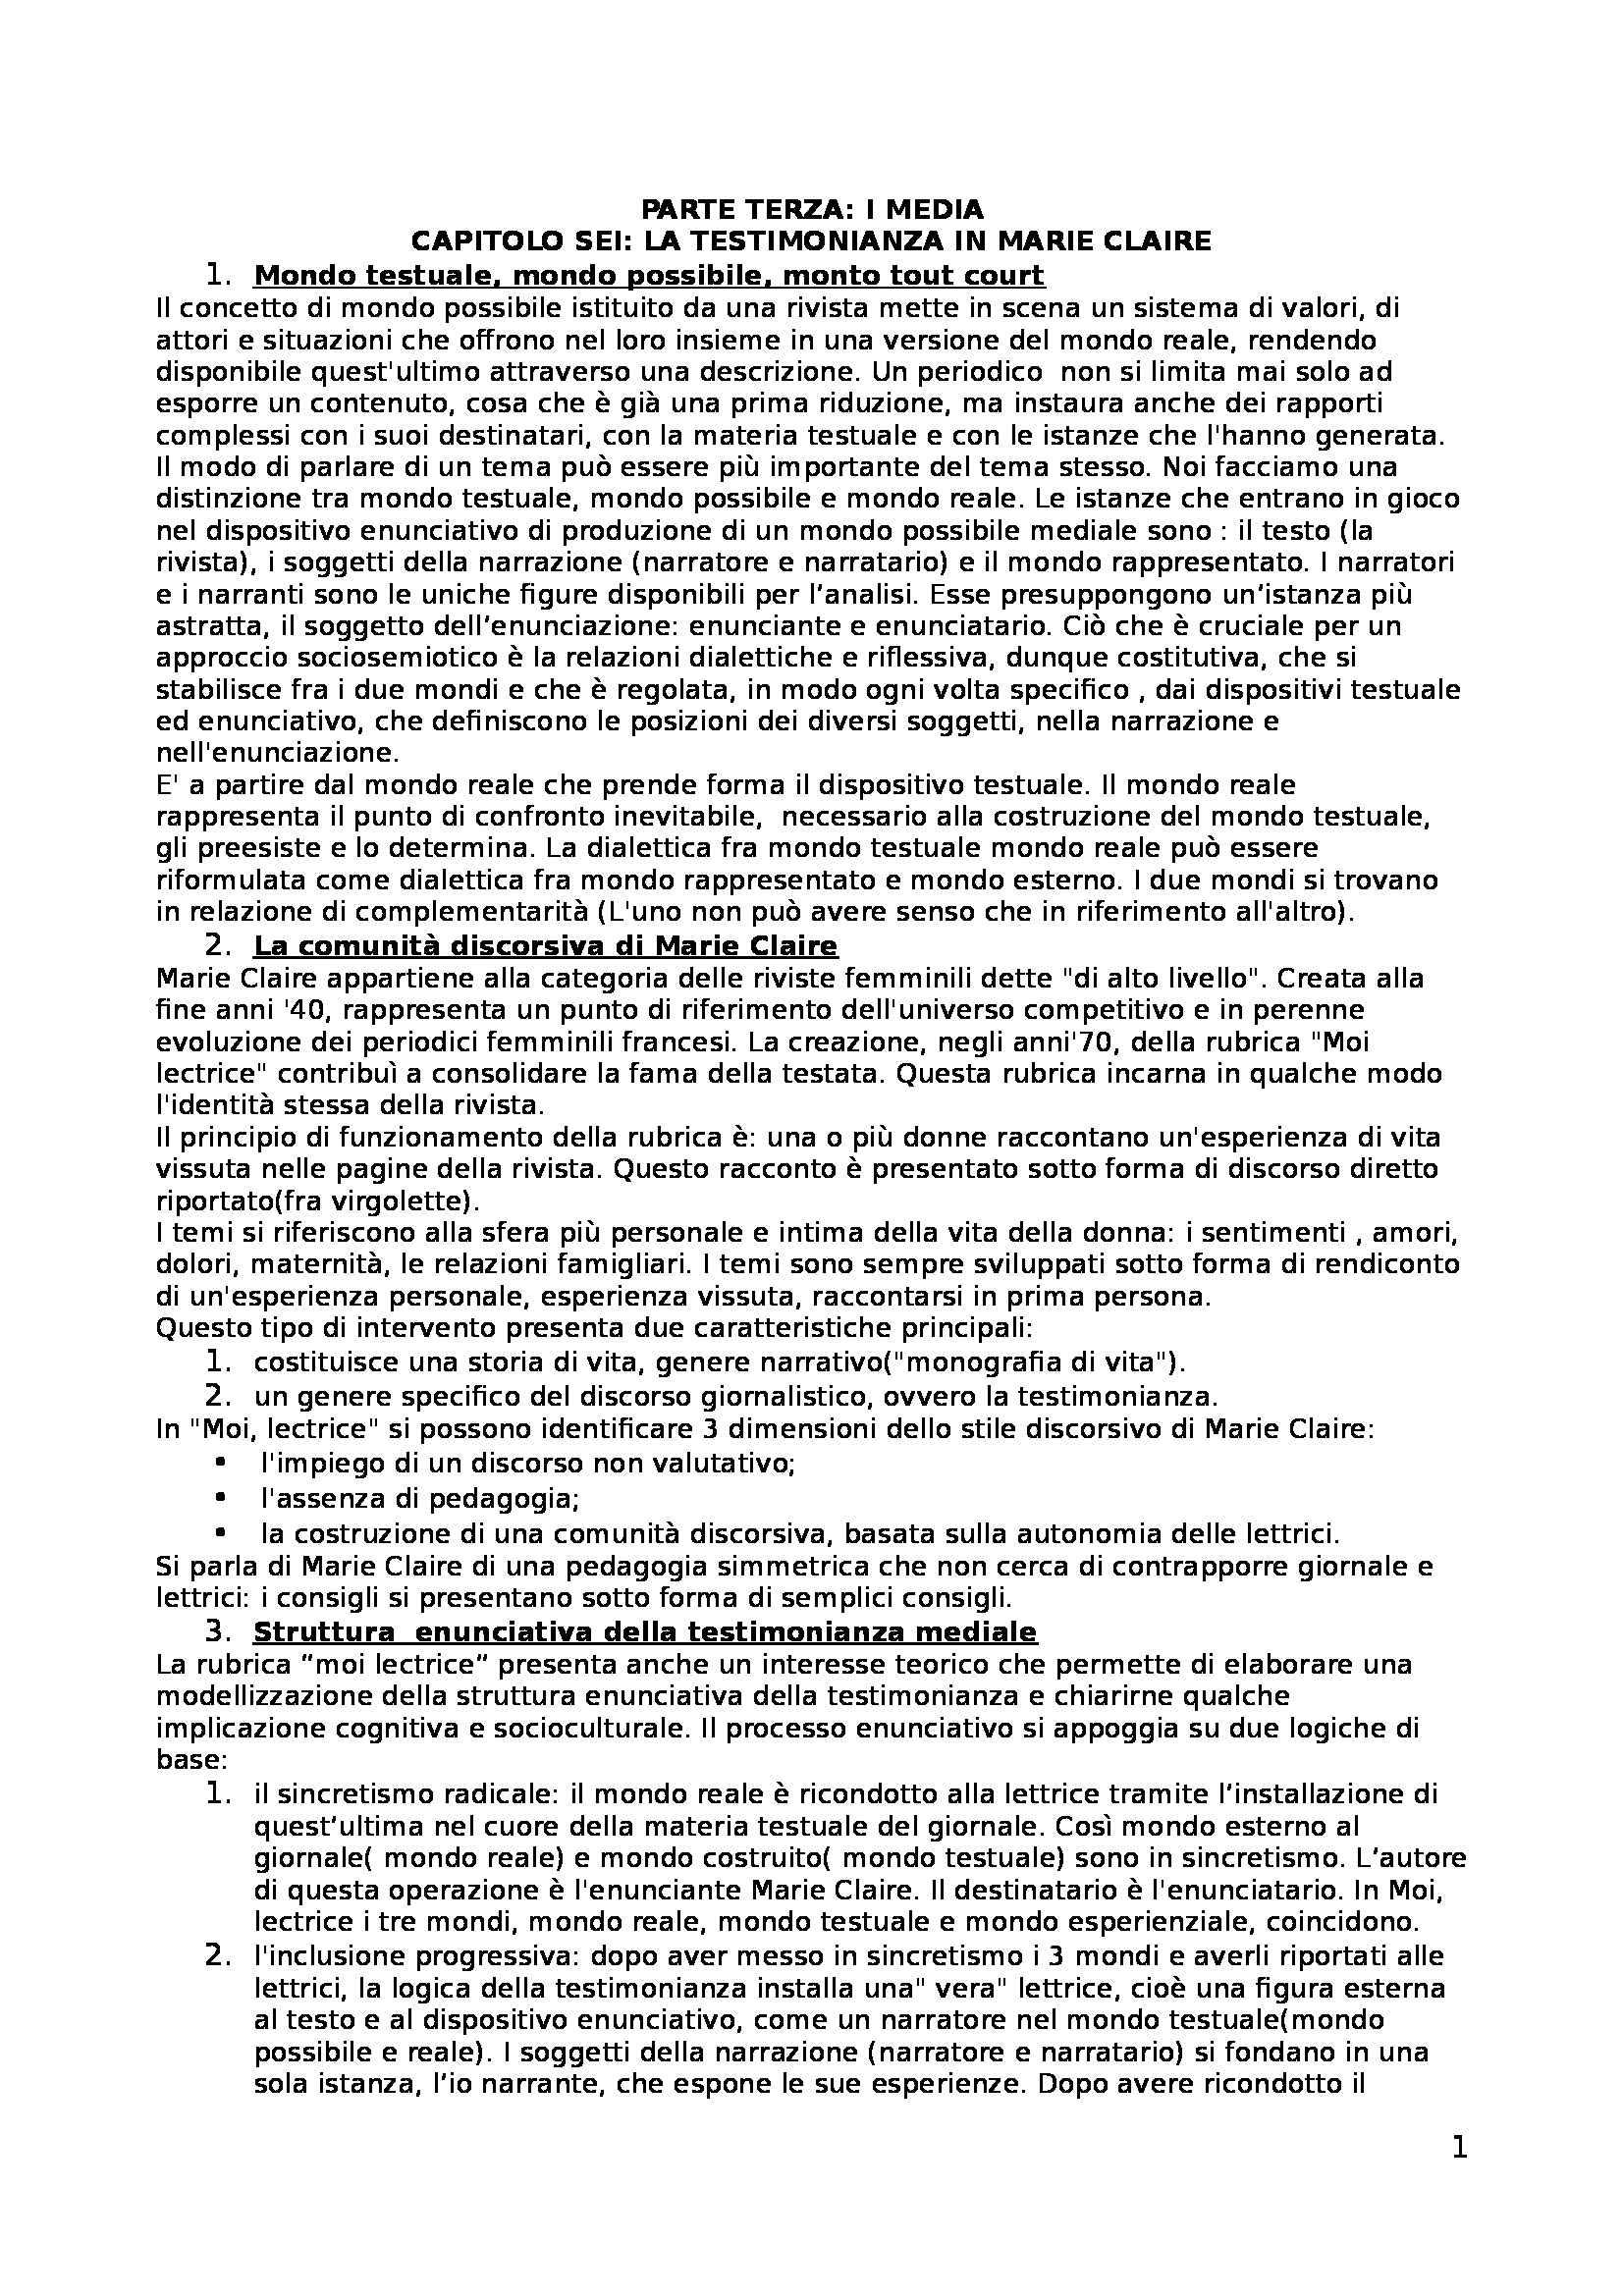 Riassunto esame Linguaggi Politici, prof. Bellini, libro consigliato Analizzare la comunicazione. Come analizzare la pubblicità, Semprini